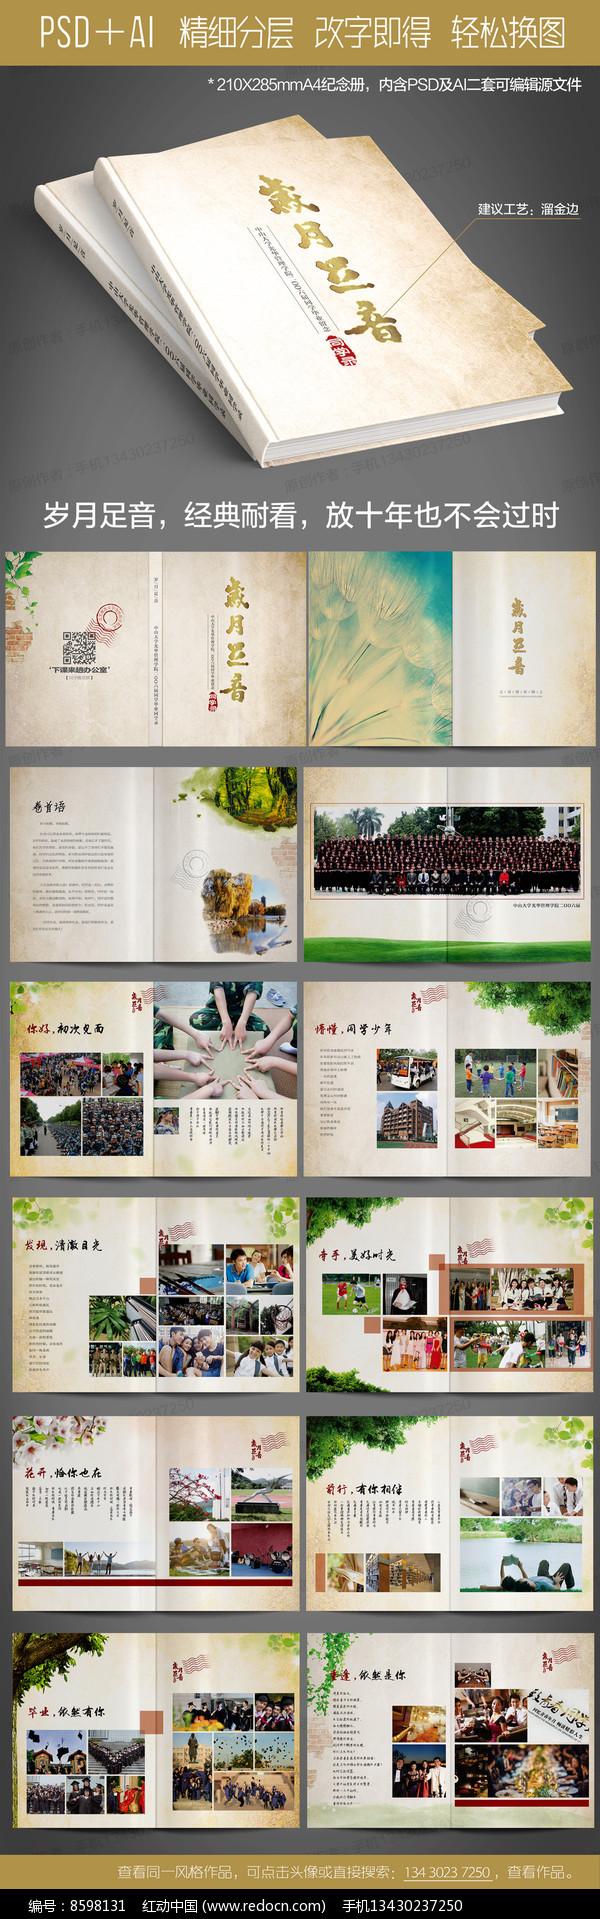 军人退伍毕业培训纪念册同学录图片